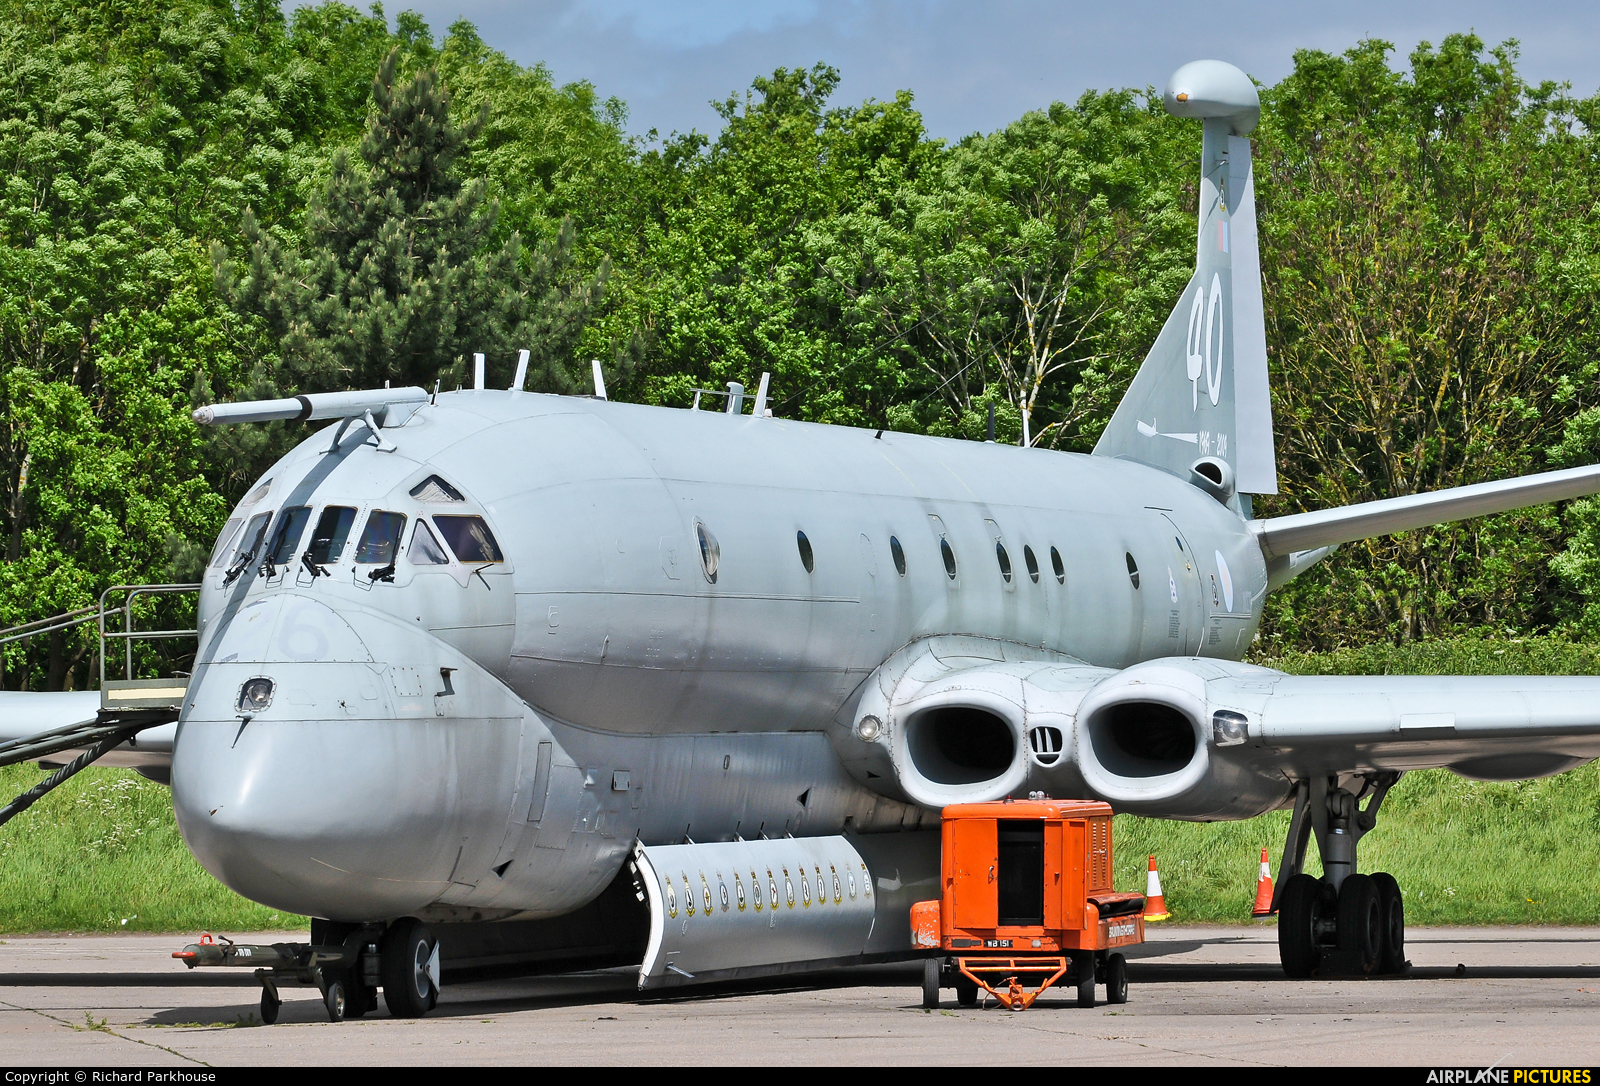 Royal Air Force XV226 aircraft at Bruntingthorpe